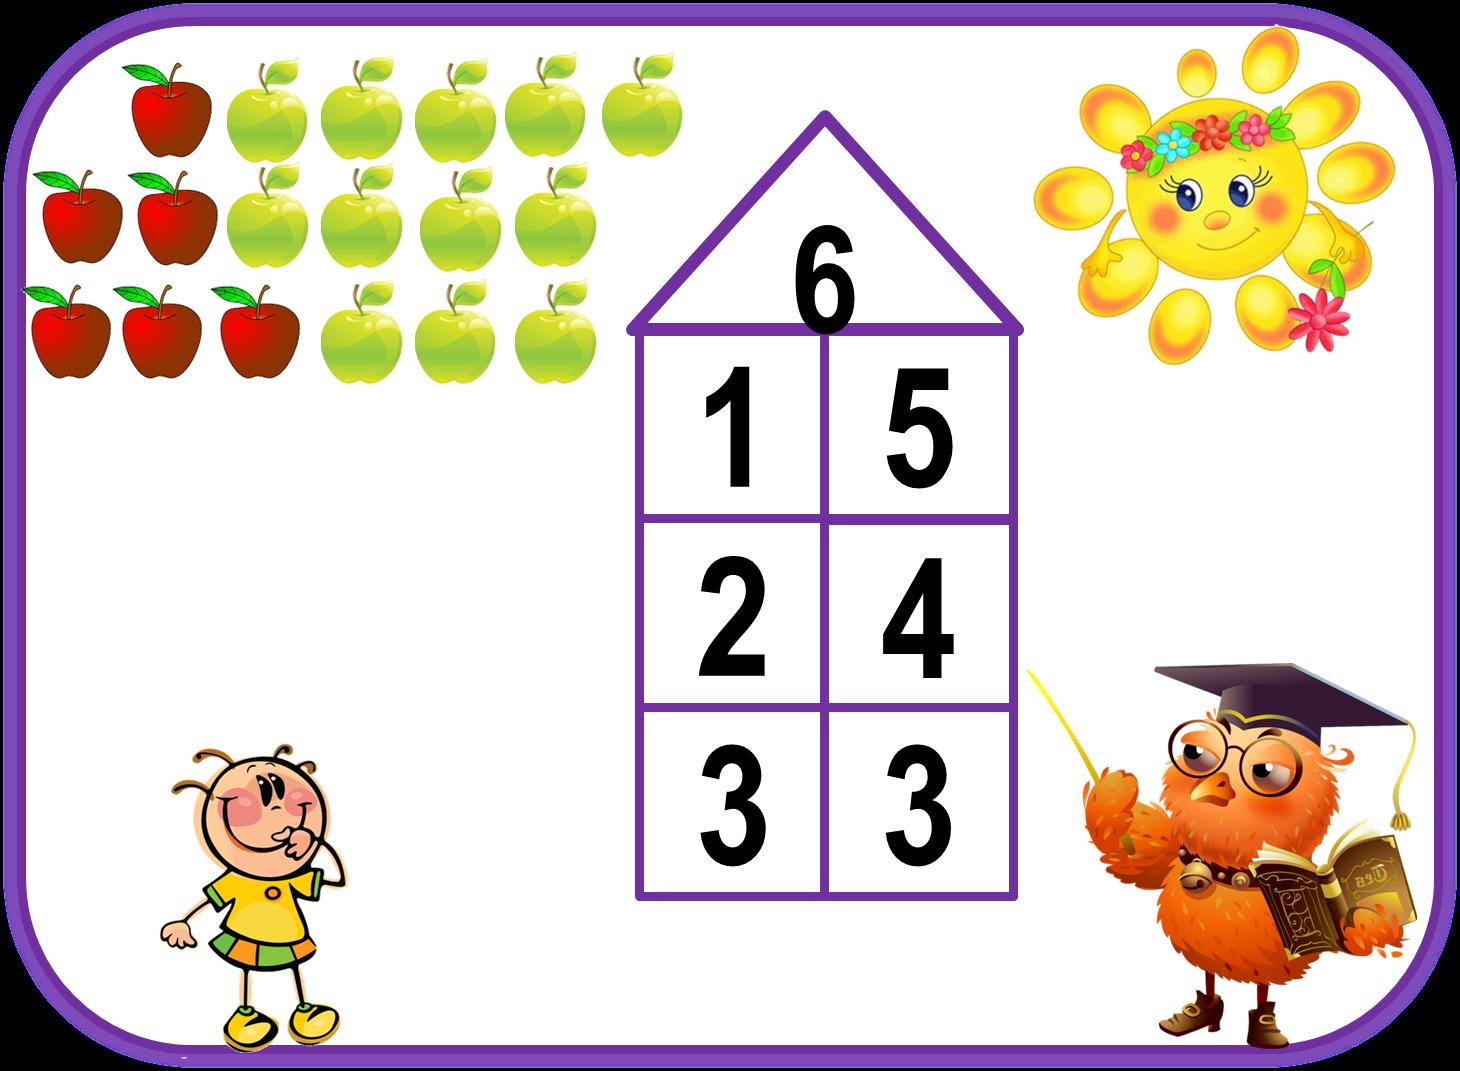 урок презентация число и цифра 3